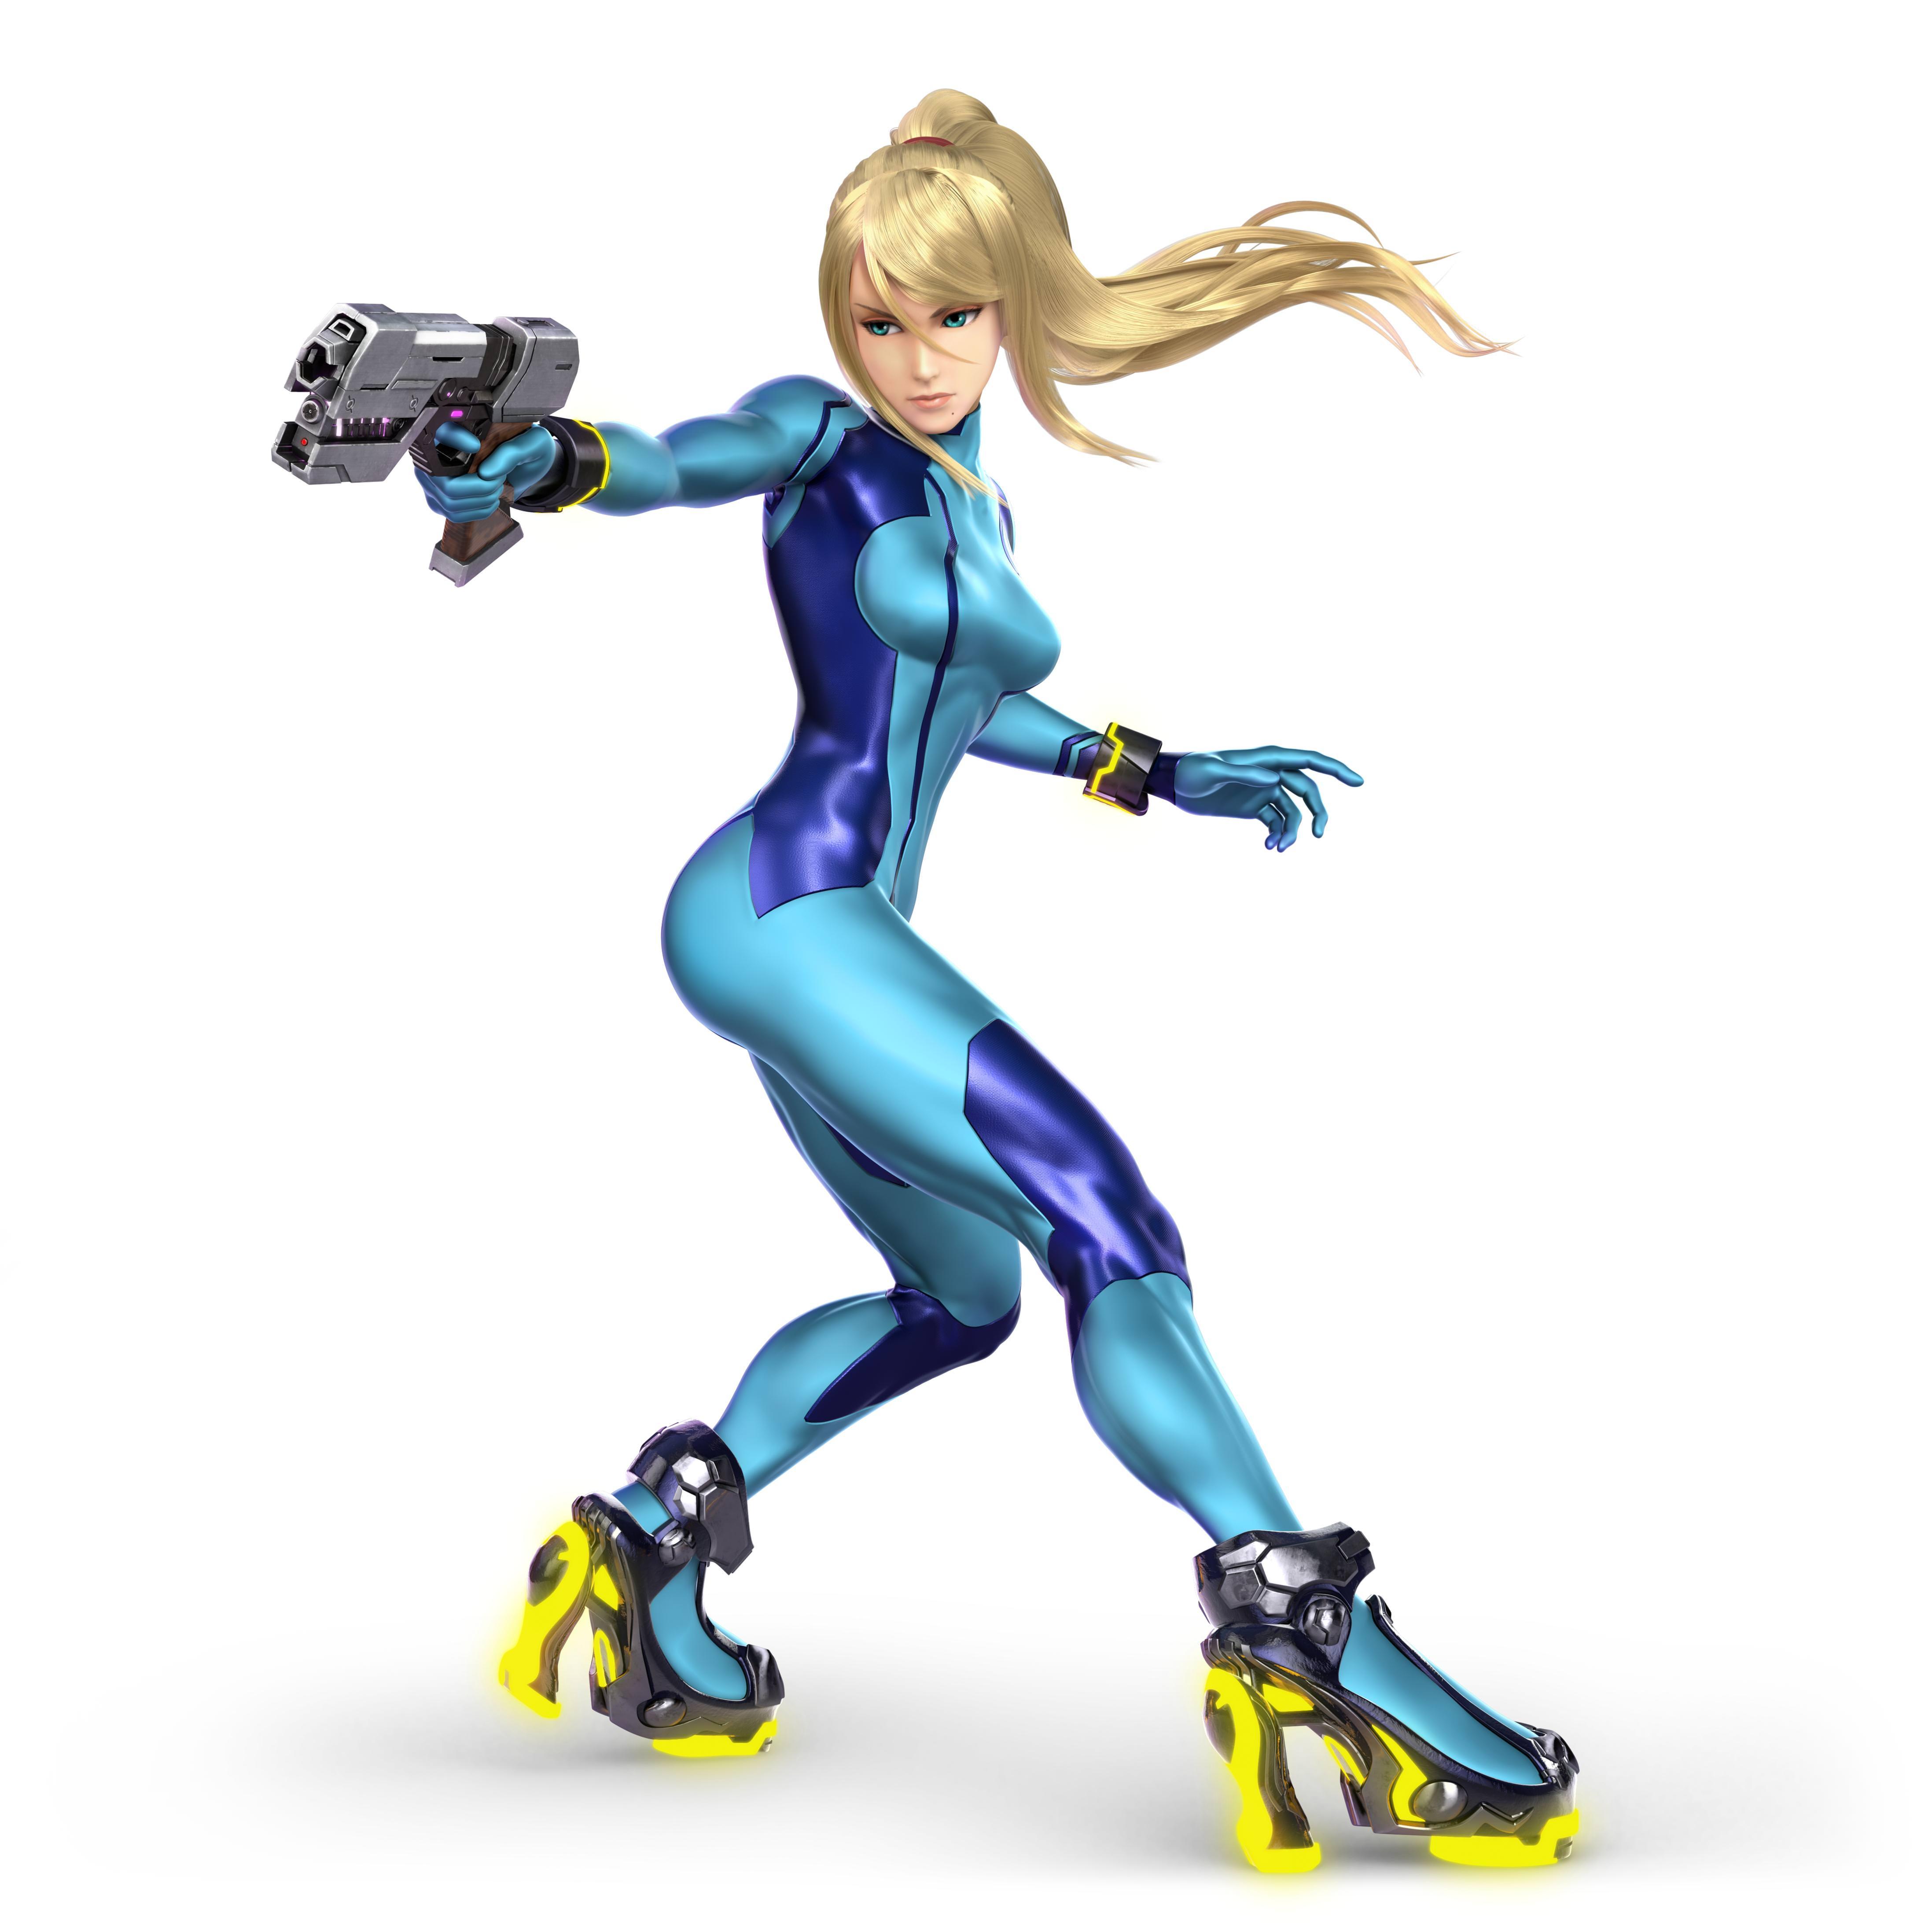 Super Smash Bros Ultimate How To Unlock Zero Suit Samus